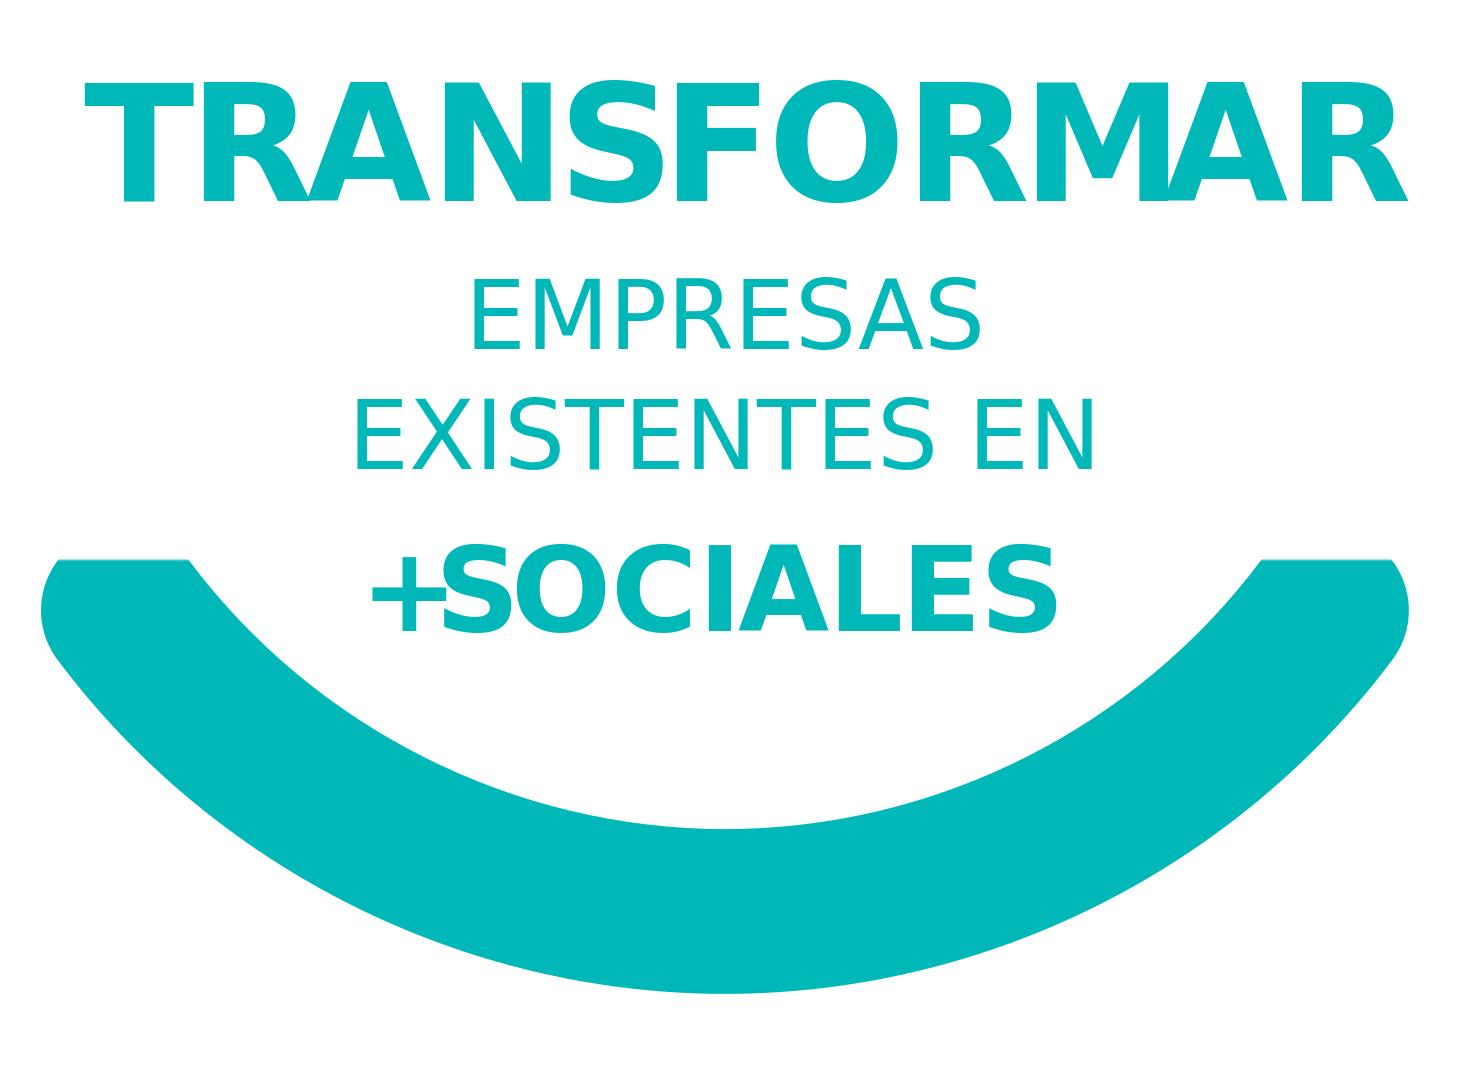 La Promotora de Emprendimiento Social - Empresas de Triple Impacto